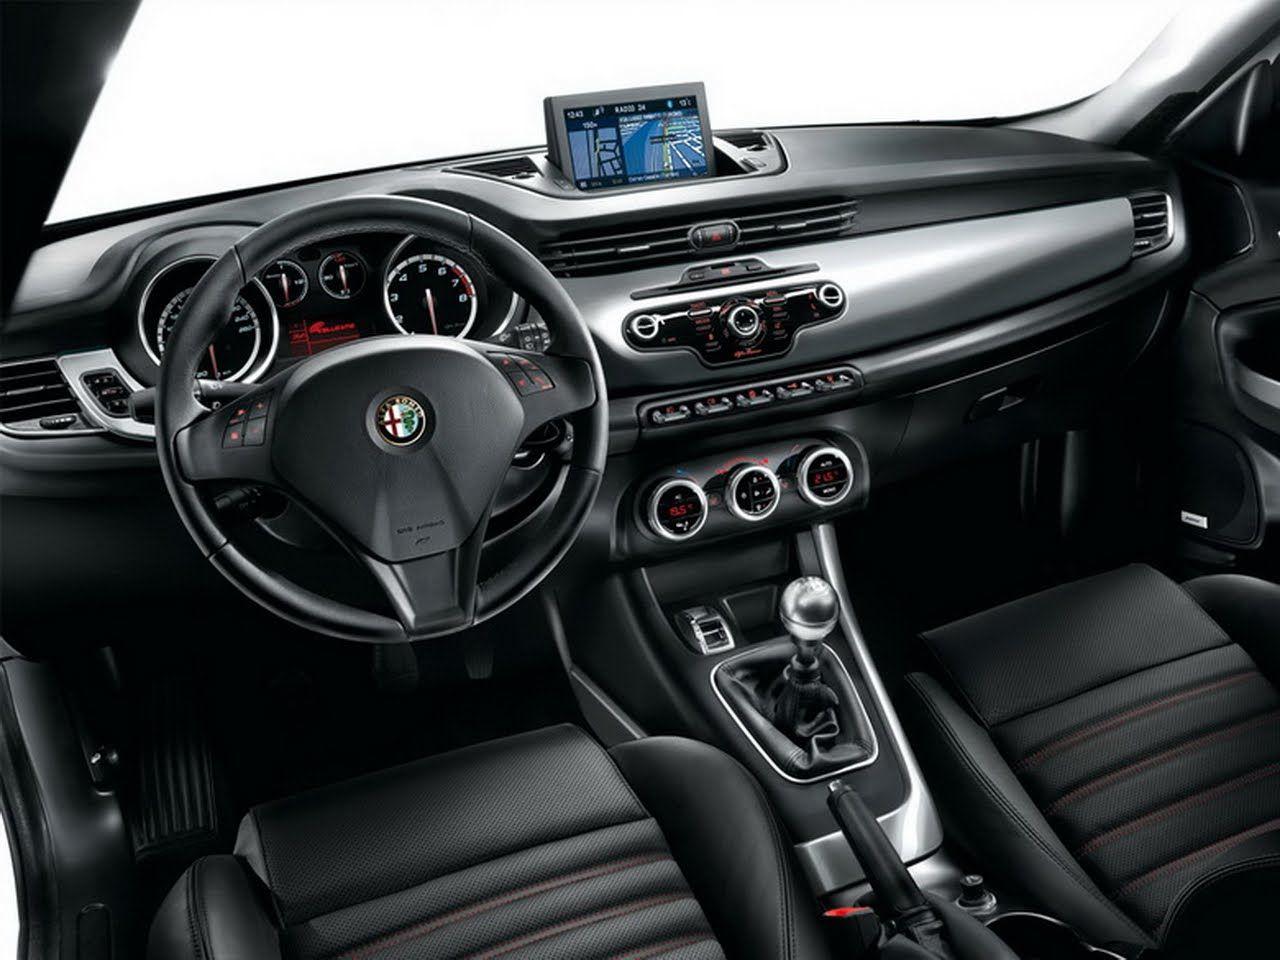 Alfa Romeo Giulietta interior | Automóviles | Pinterest